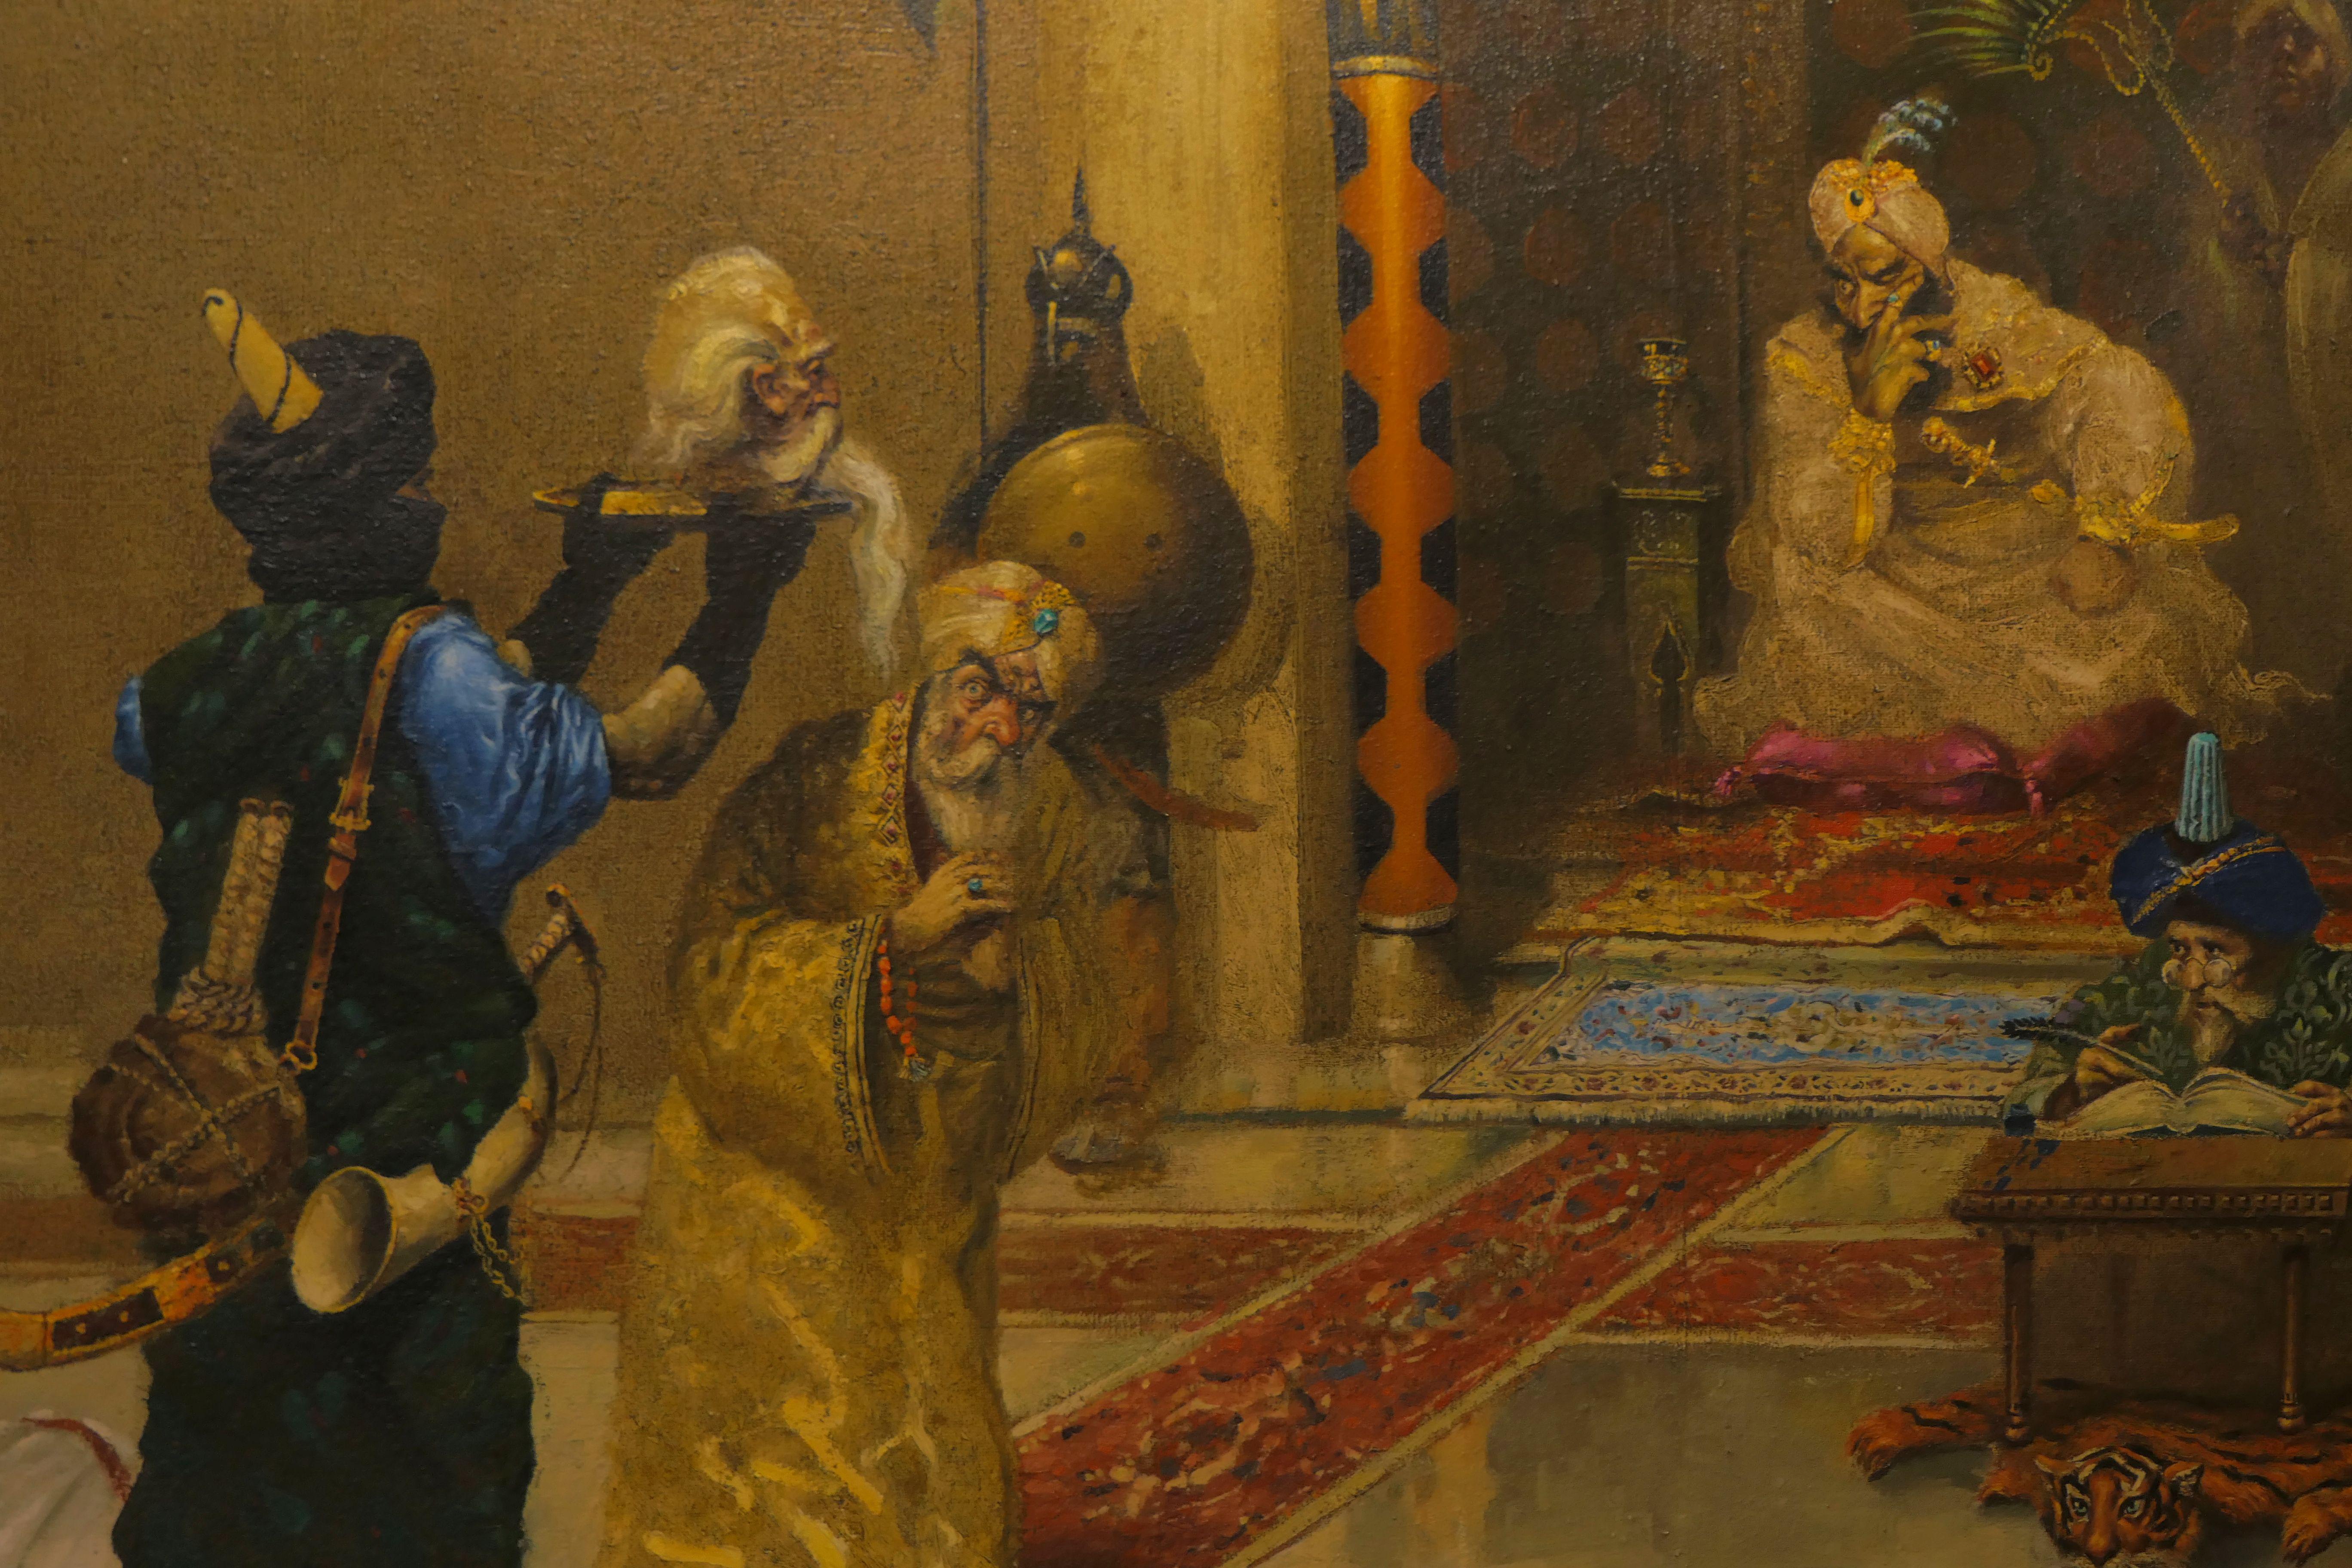 Ο αποκεφαλισμός του Αλή Πασά στο νησάκι των Ιωαννίνων. Γιατί ήρθε σε ρήξη με τον Σουλτάνο και ποιοι τον πρόδωσαν. Τι απέγινε ο Χουρσίτ πασάς που τον εξόντωσε